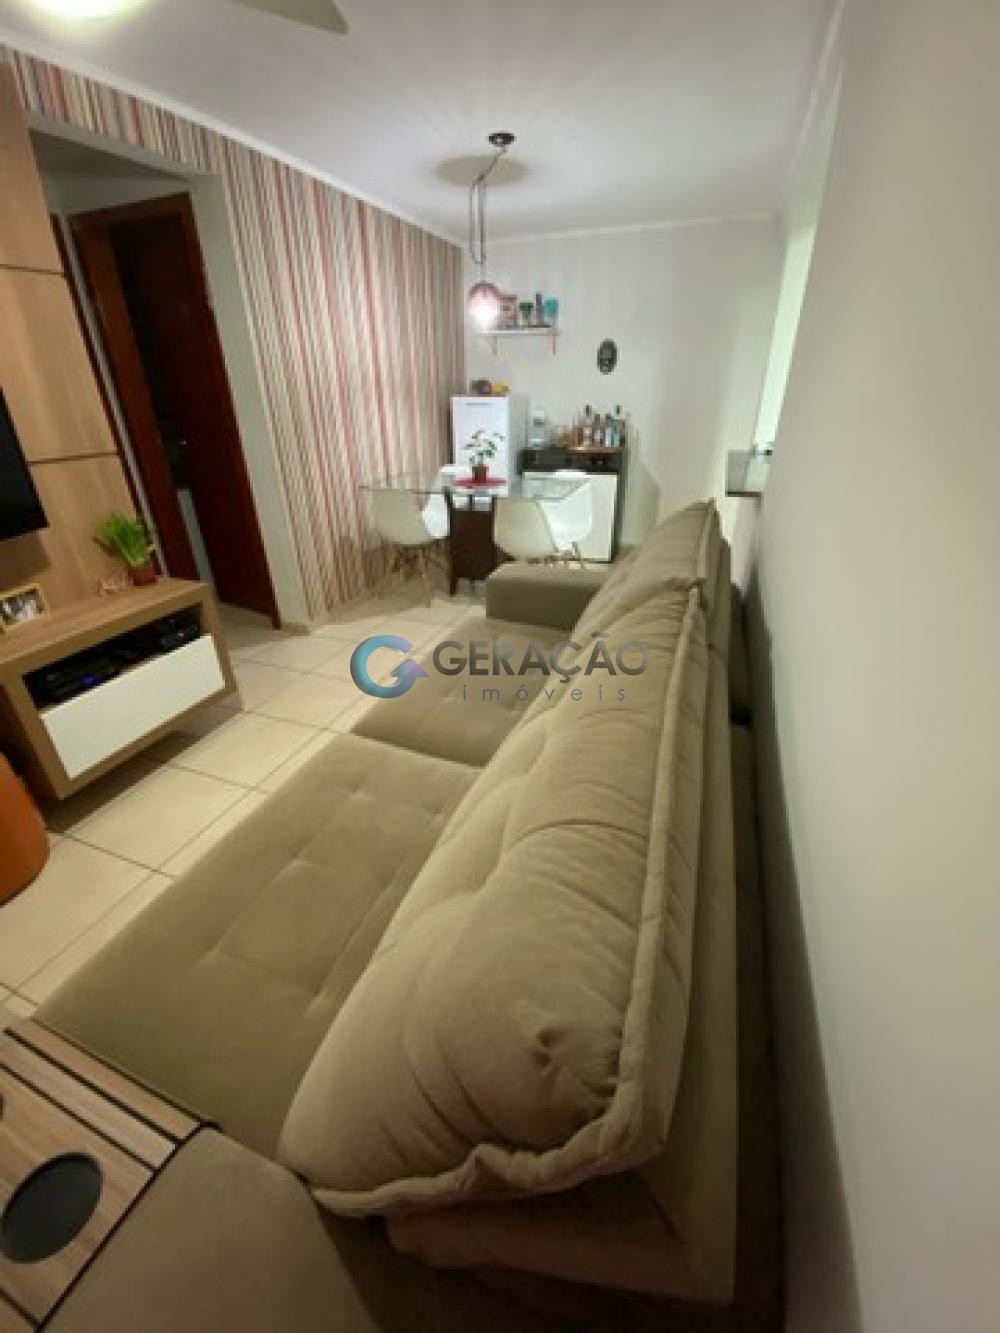 Comprar Apartamento / Padrão em São José dos Campos R$ 300.000,00 - Foto 3